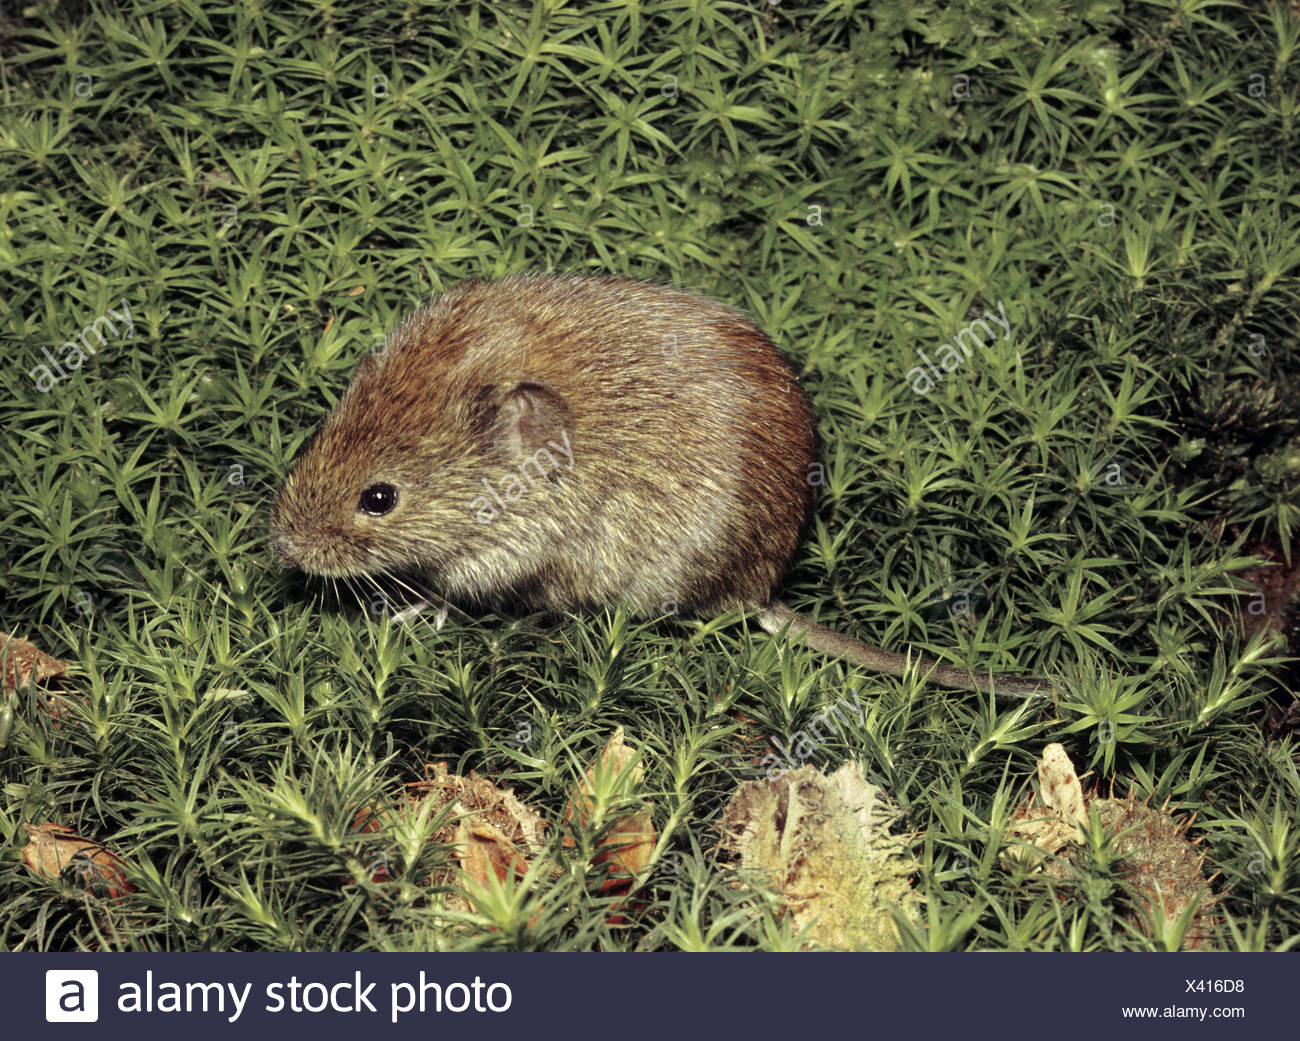 Bank Vole - Clethrionomys glareolus - Stock Image